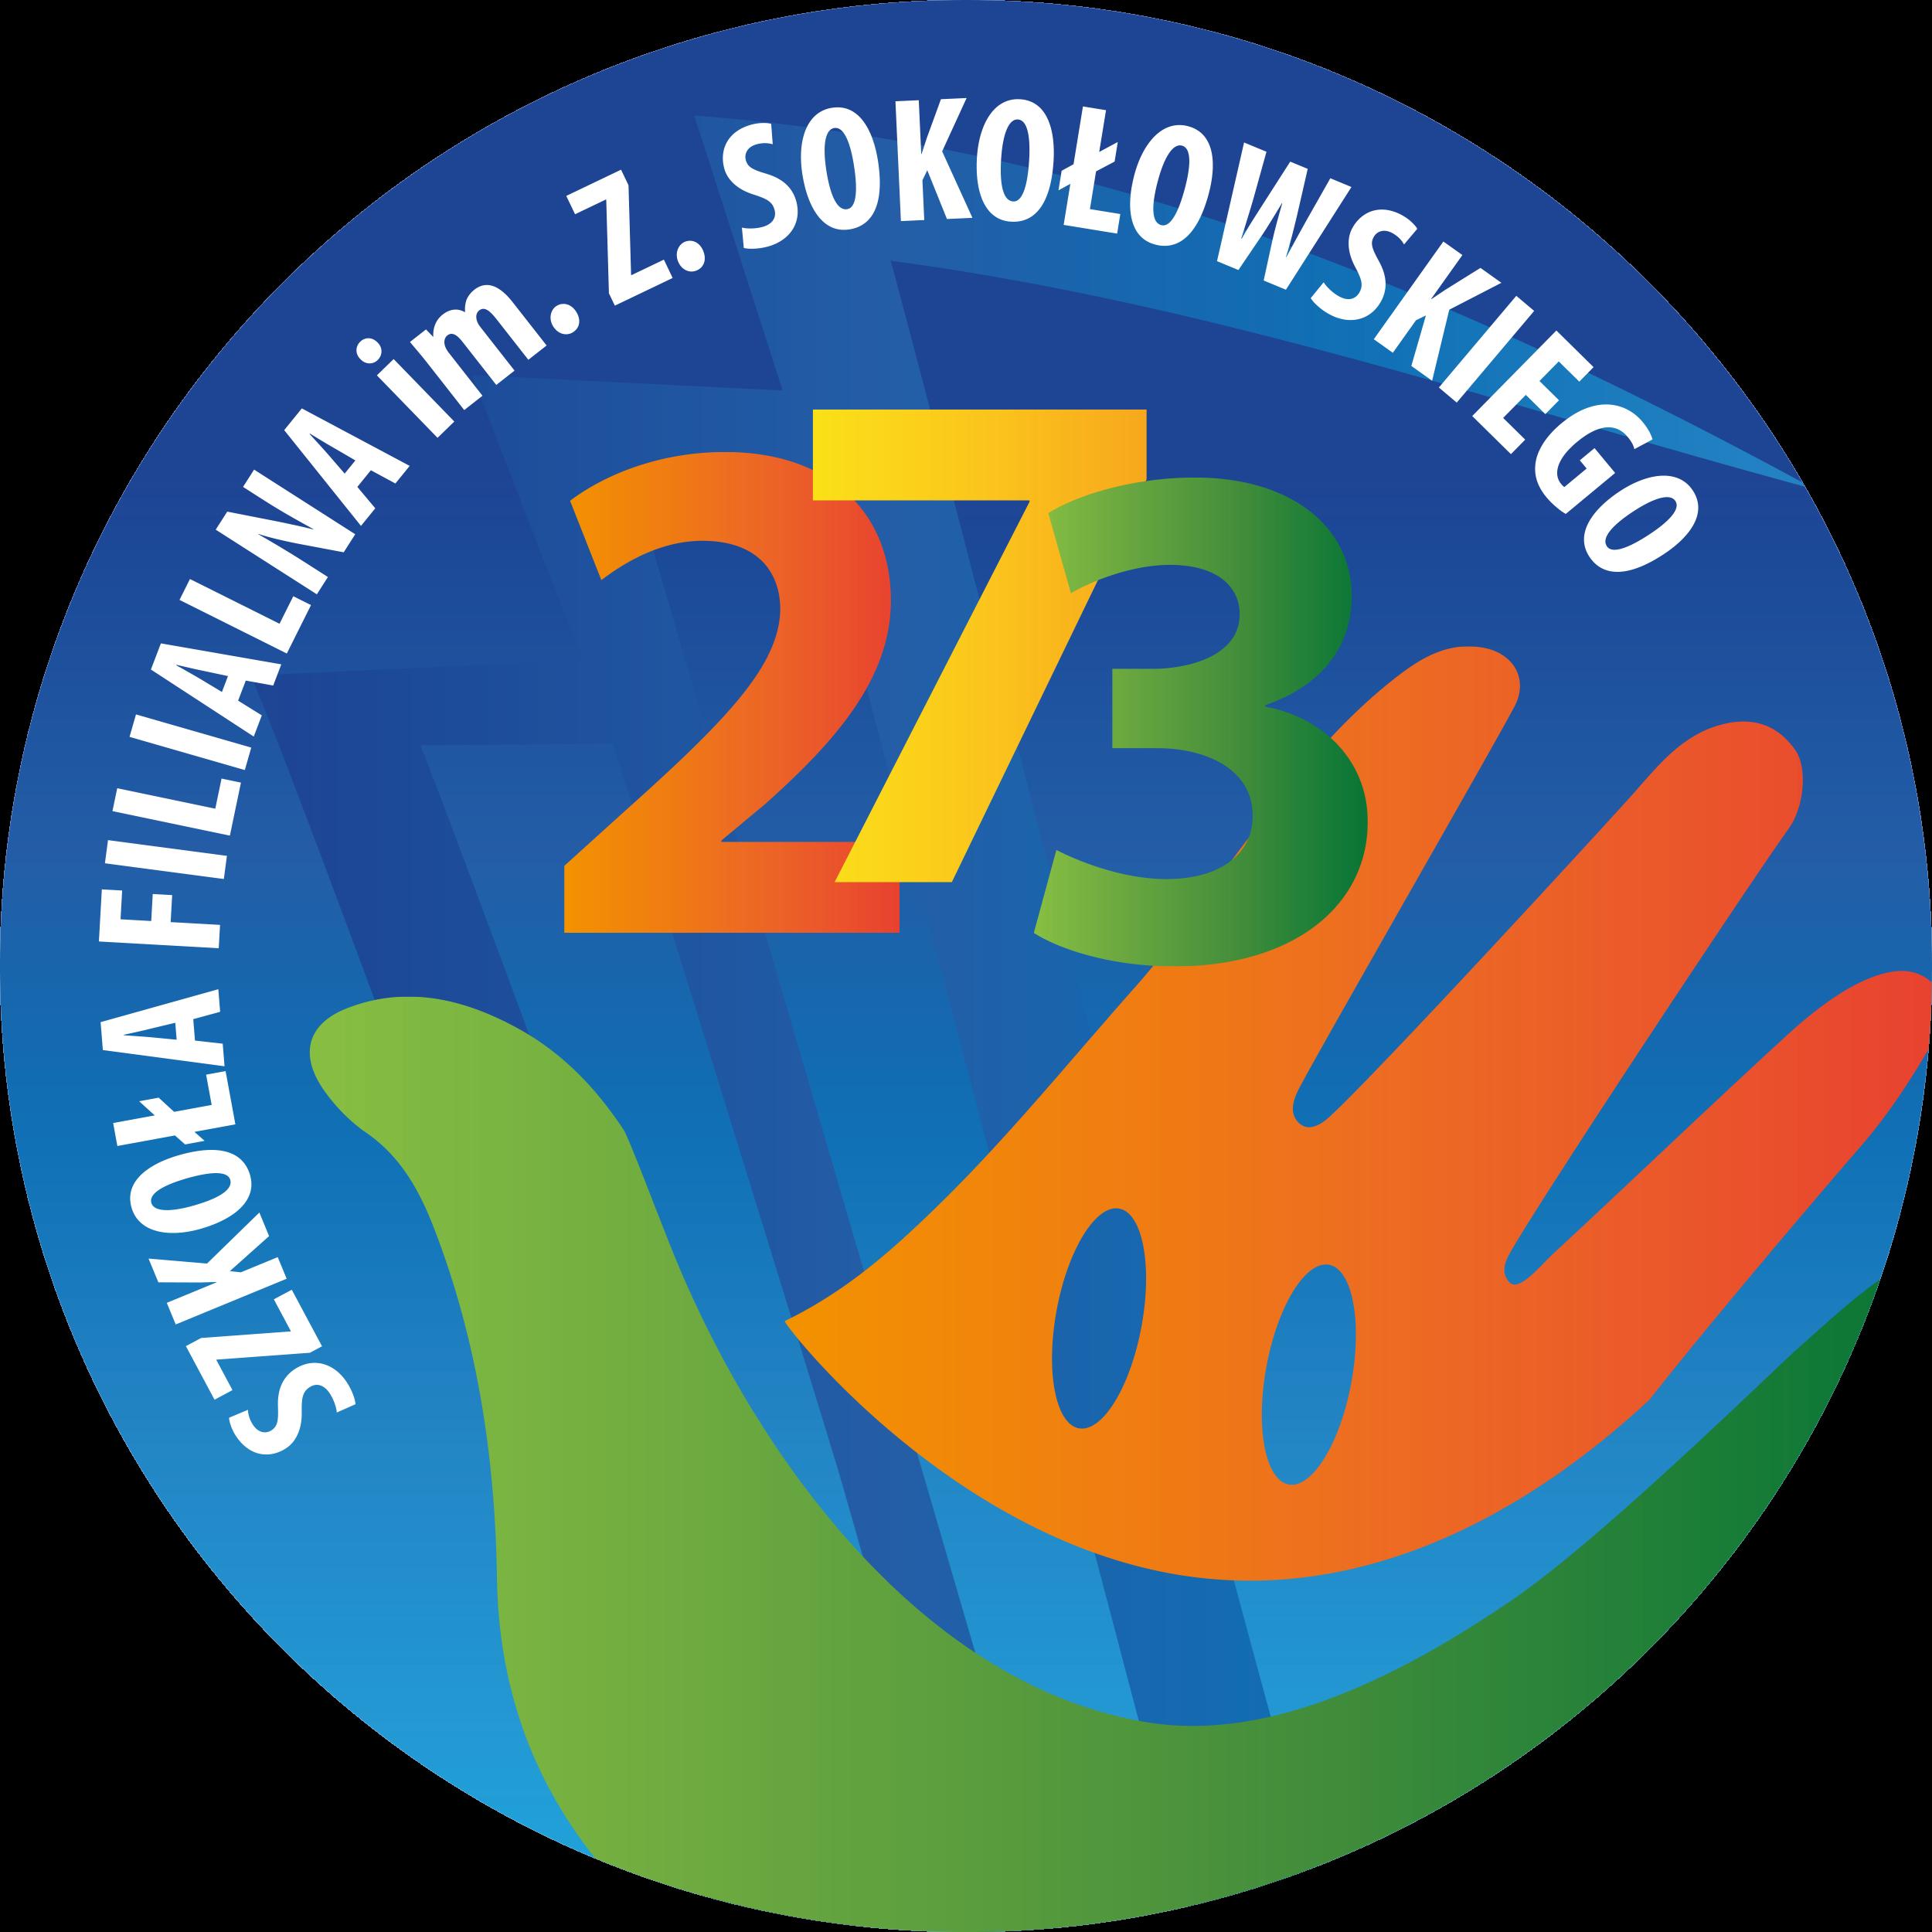 Szkoła Filialna Szkoły Podstawowej nr 273 im. dra Aleksandra Landy